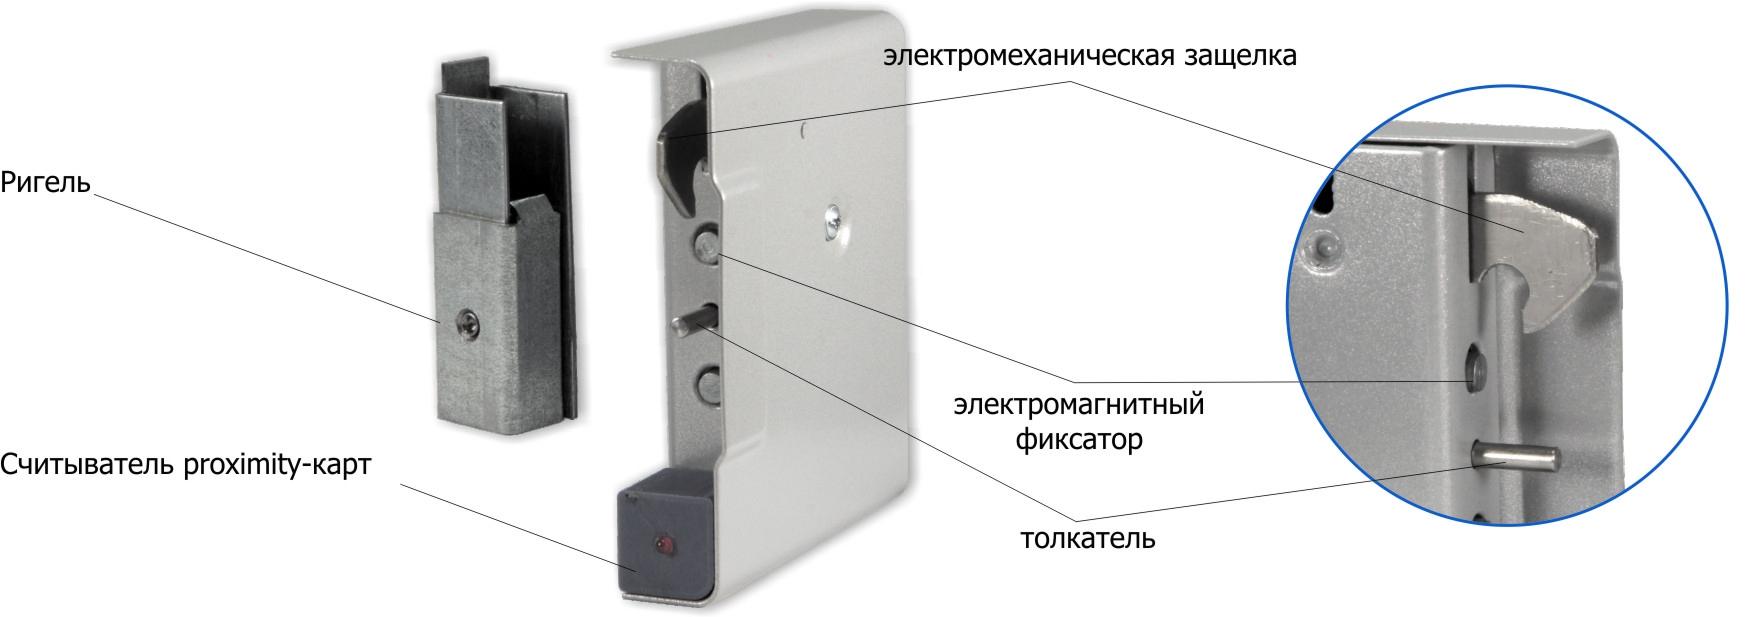 ШЕРИФ-8.2 (НЗ-Ч) Промикс - Электромеханический замок  - 1